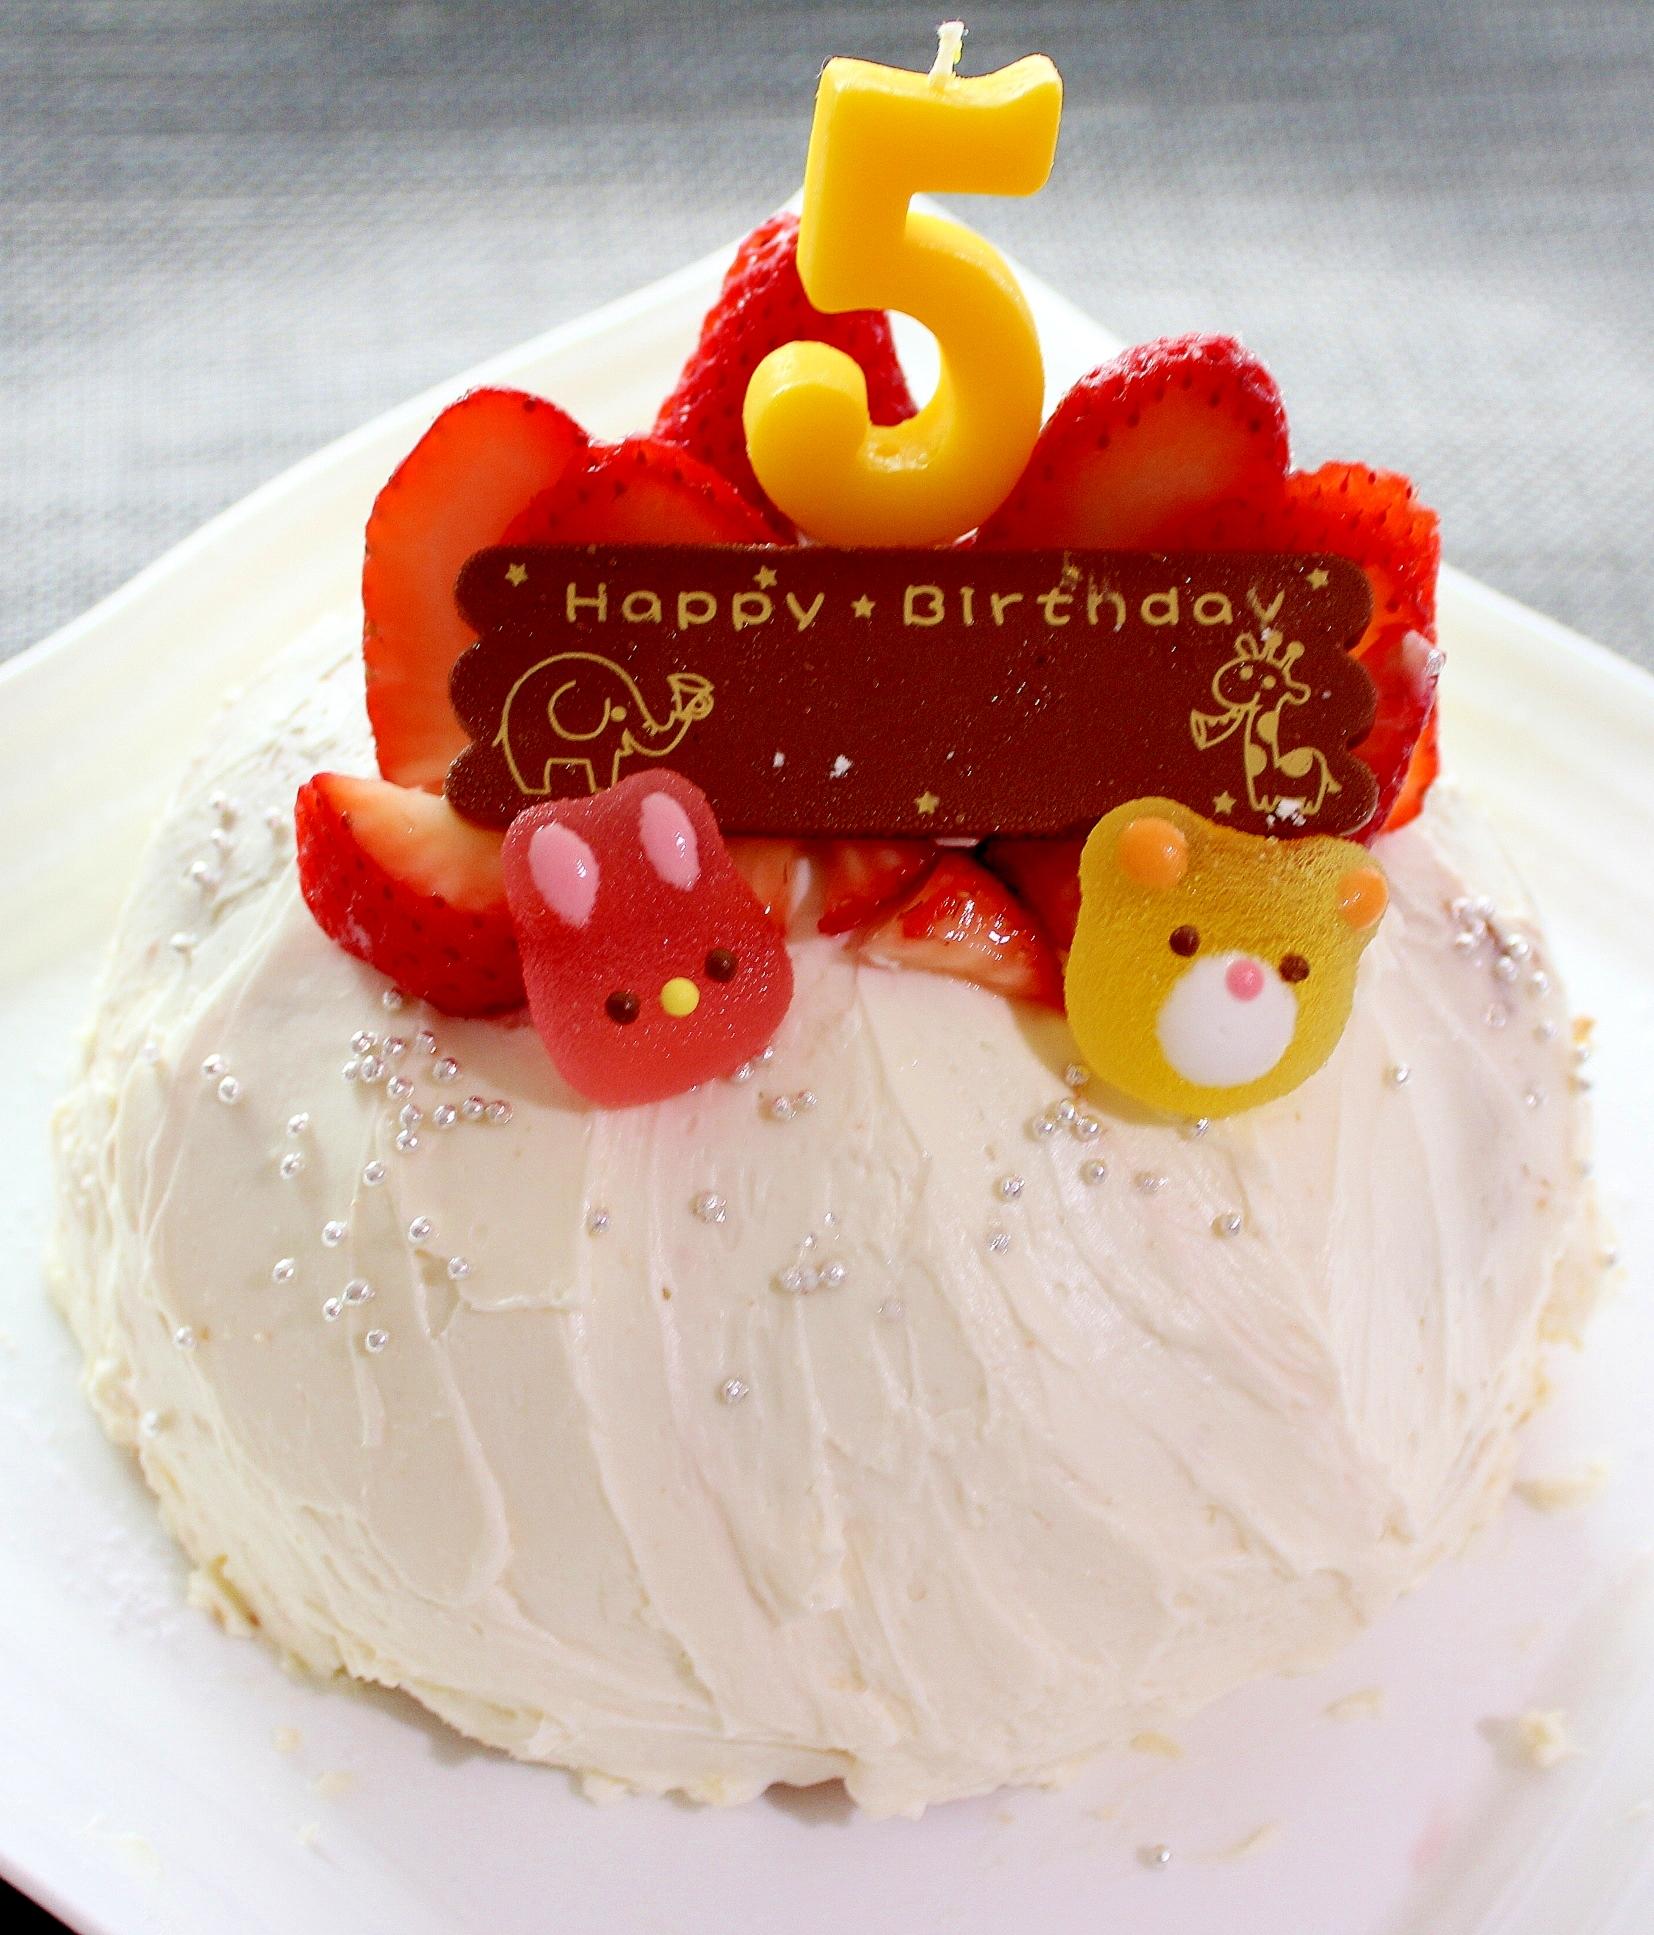 お誕生日に♪チーズクリームのバースデードームケーキ レシピ・作り方 by ラムちゃん1224 楽天レシピ